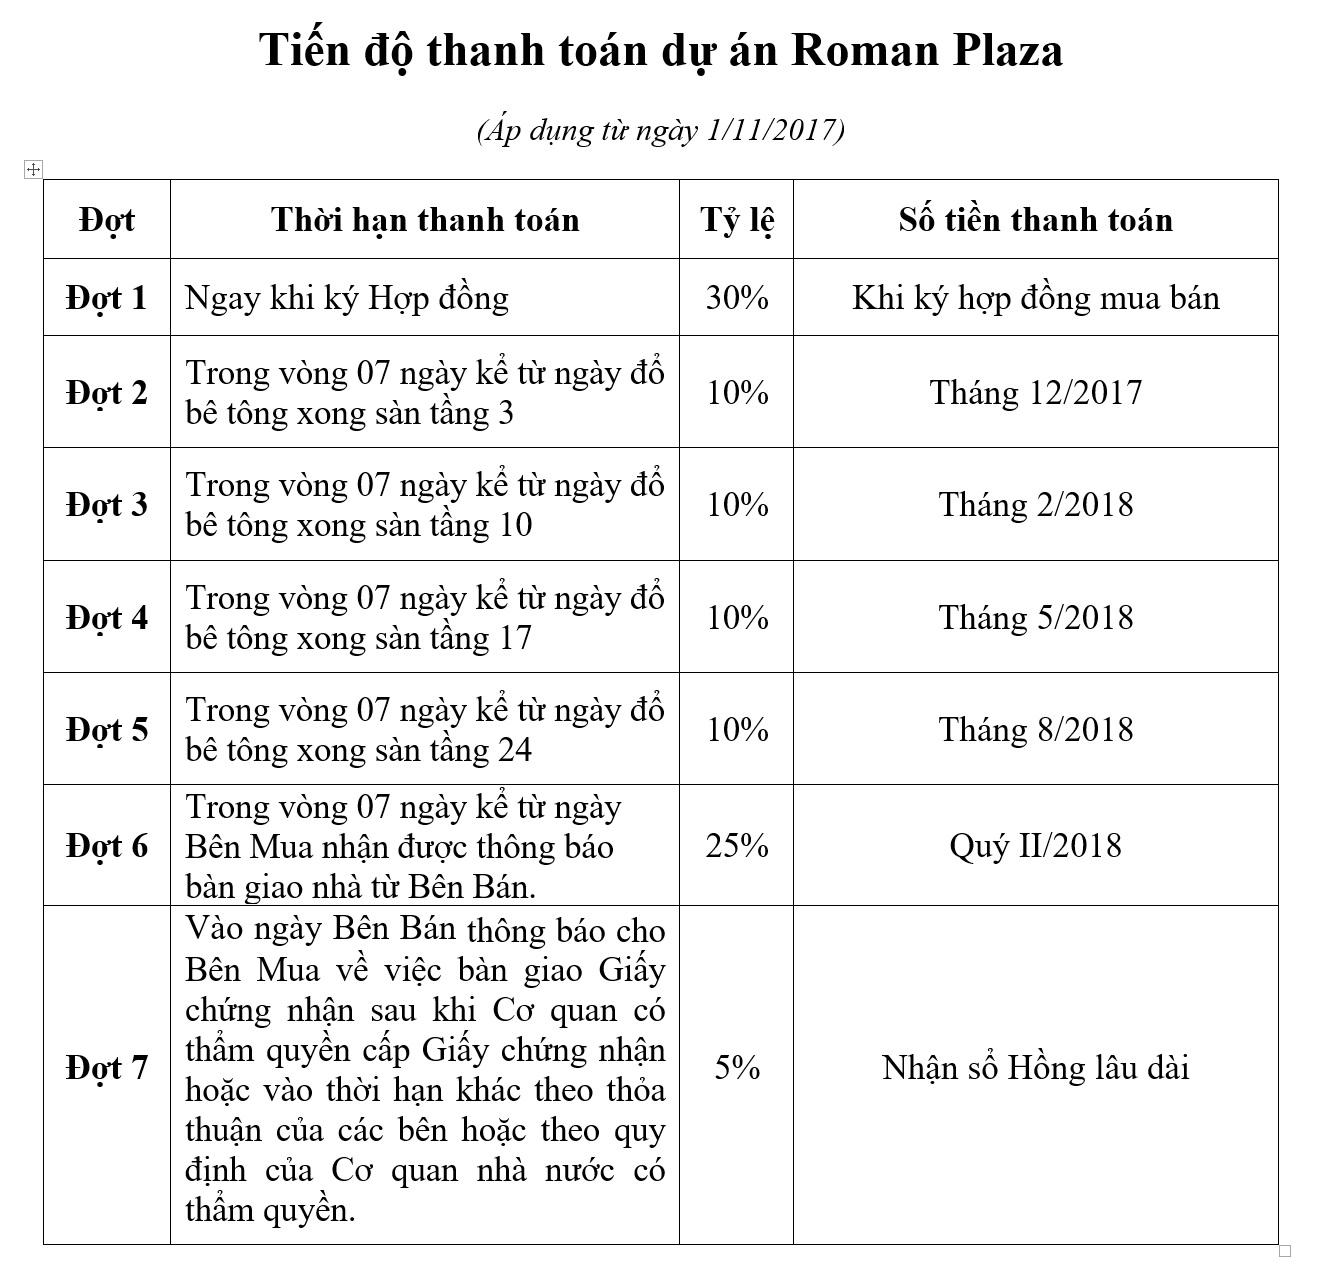 Tiến độ thanh toán dự án Roman Plaza